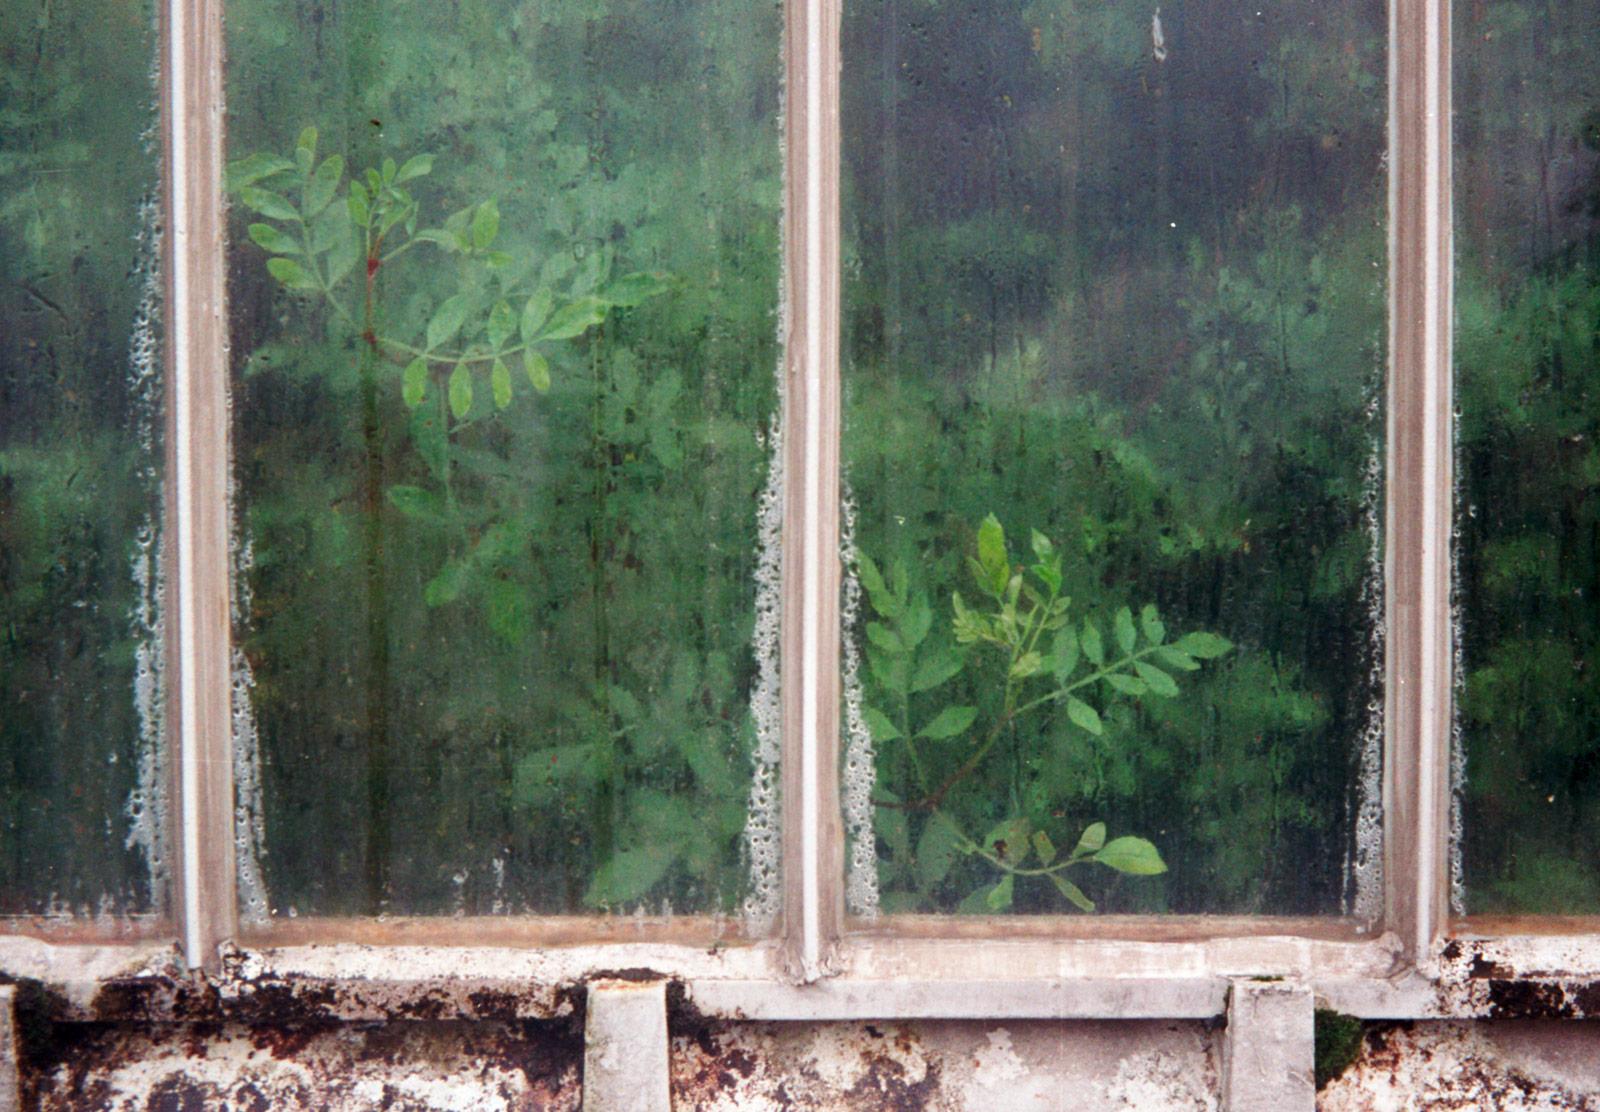 Leaves on steamy window